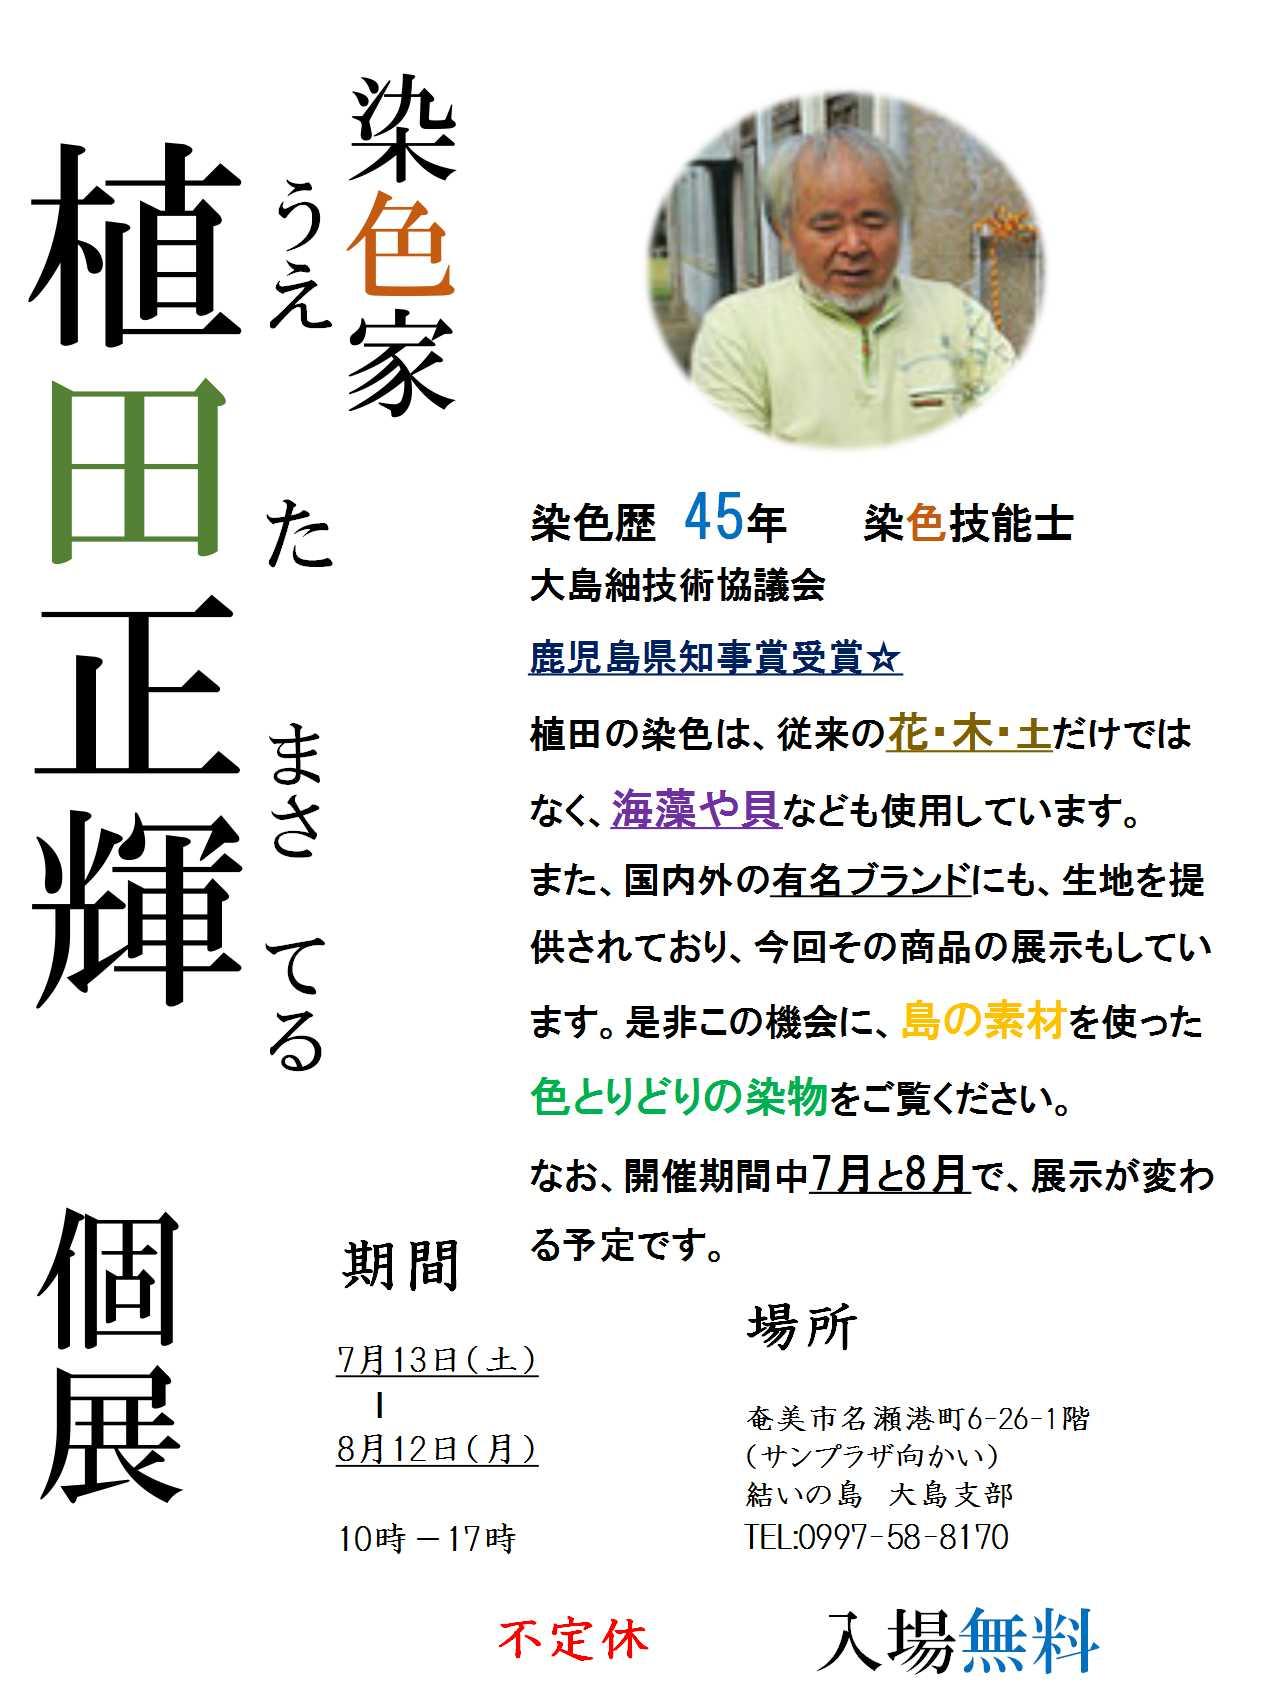 染色家・植田正輝個展・奄美大嶋観光ガイド